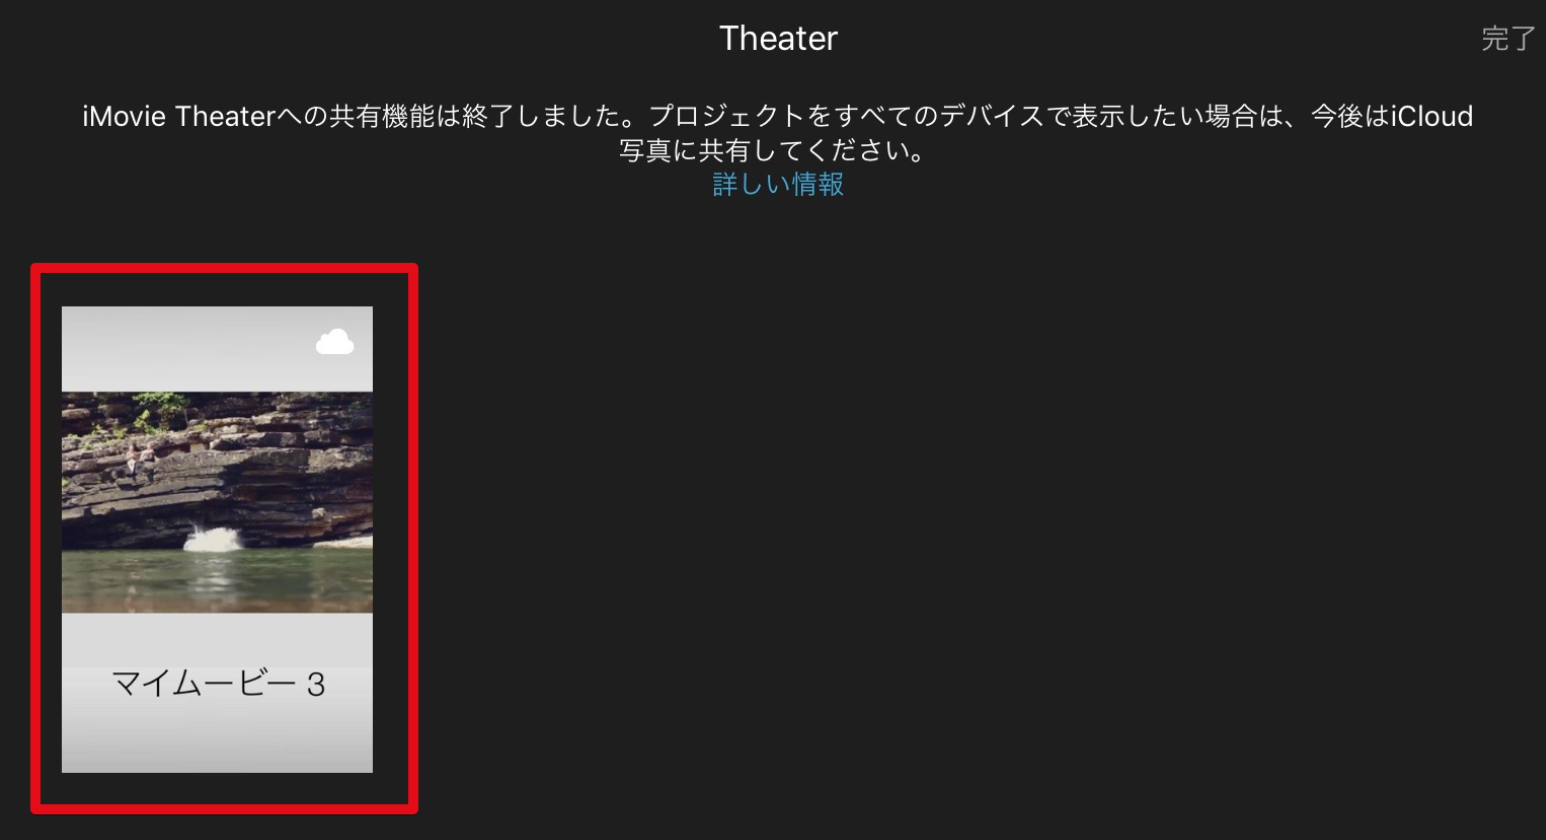 他のiOSデバイスからTheater内の動画を視聴する方法